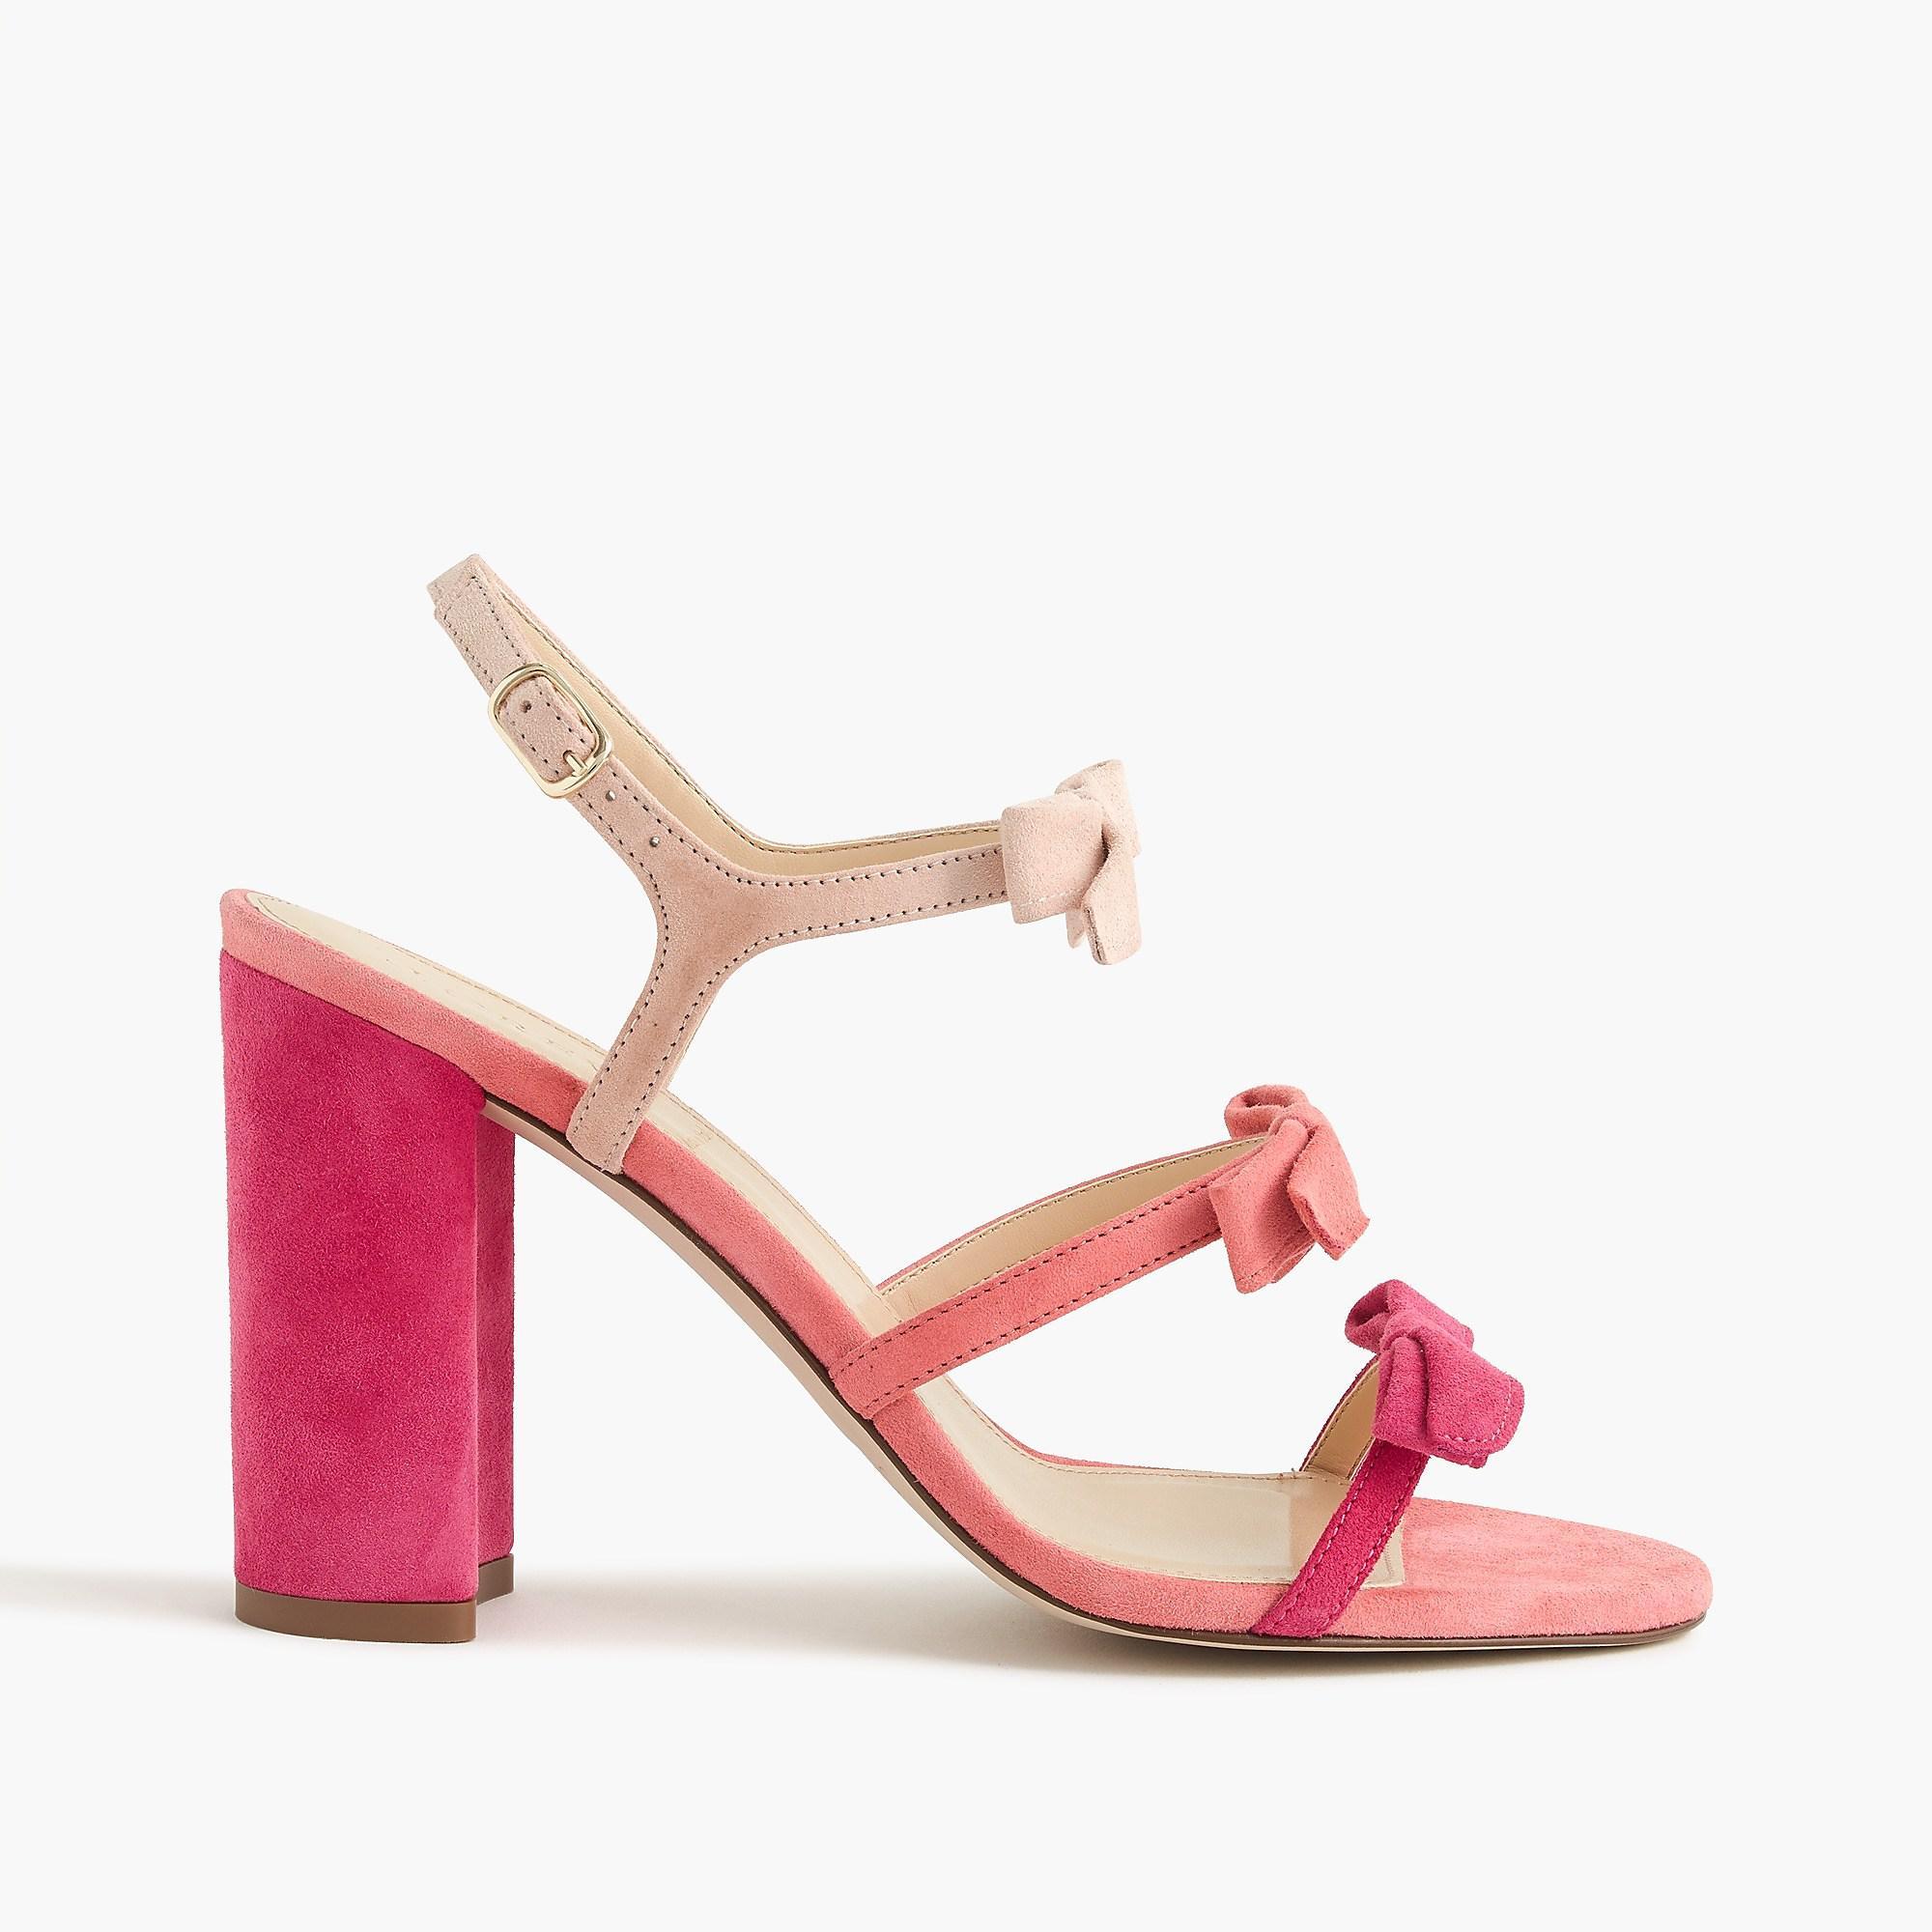 66932e25891 ... Stella Bow Heels (100mm) - Lyst. View fullscreen